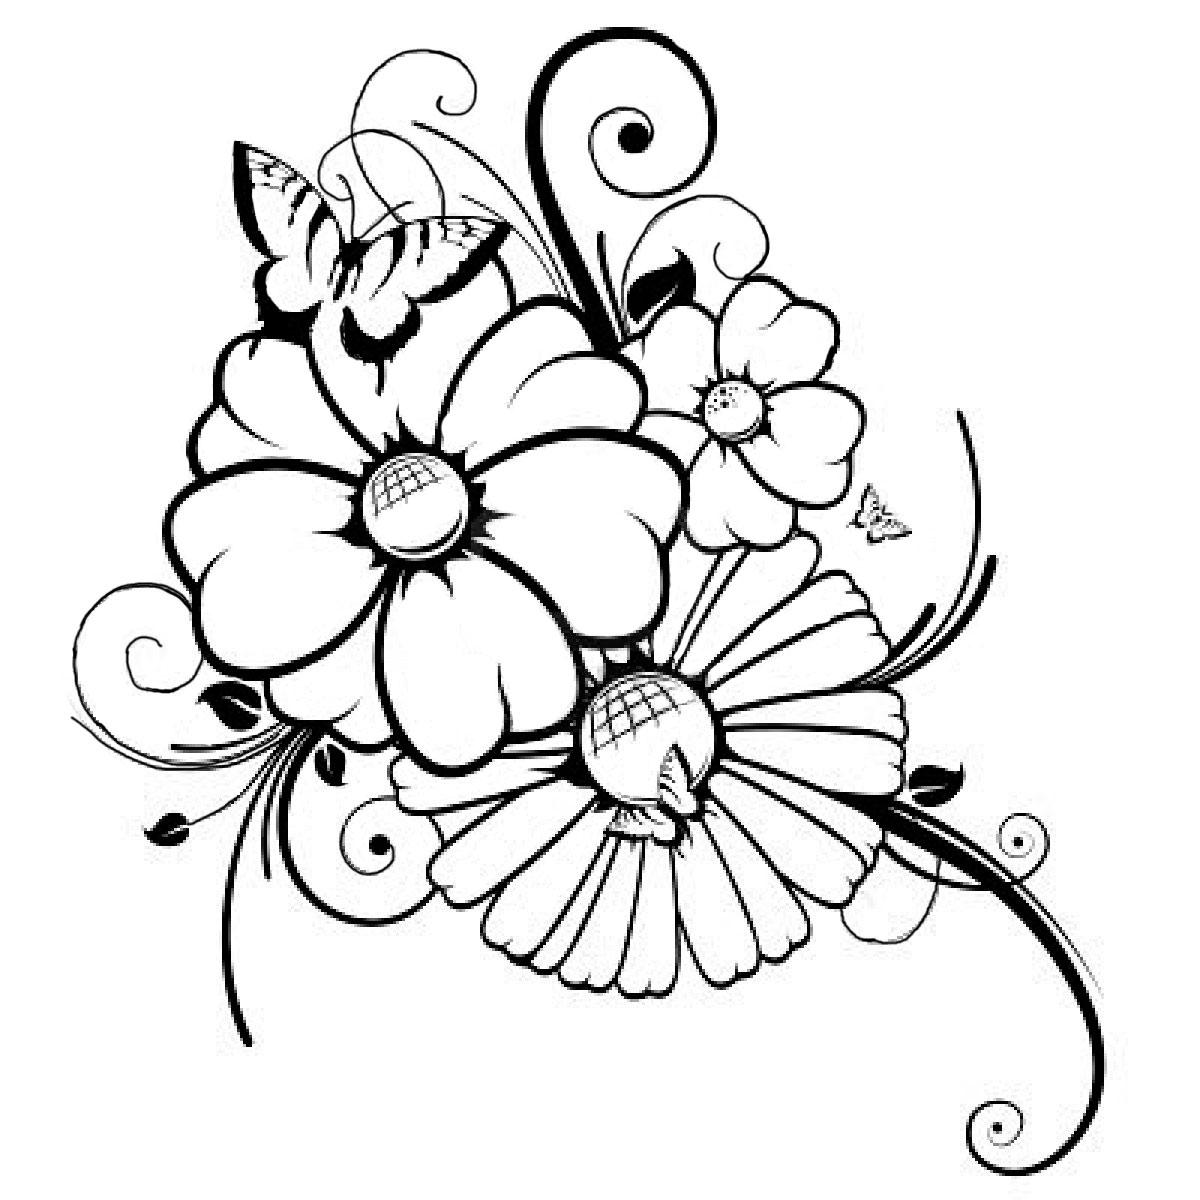 Ausmalbilder Gratis Blumen 2 | Ausmalbilder Gratis über Kostenlose Malvorlagen Blumen